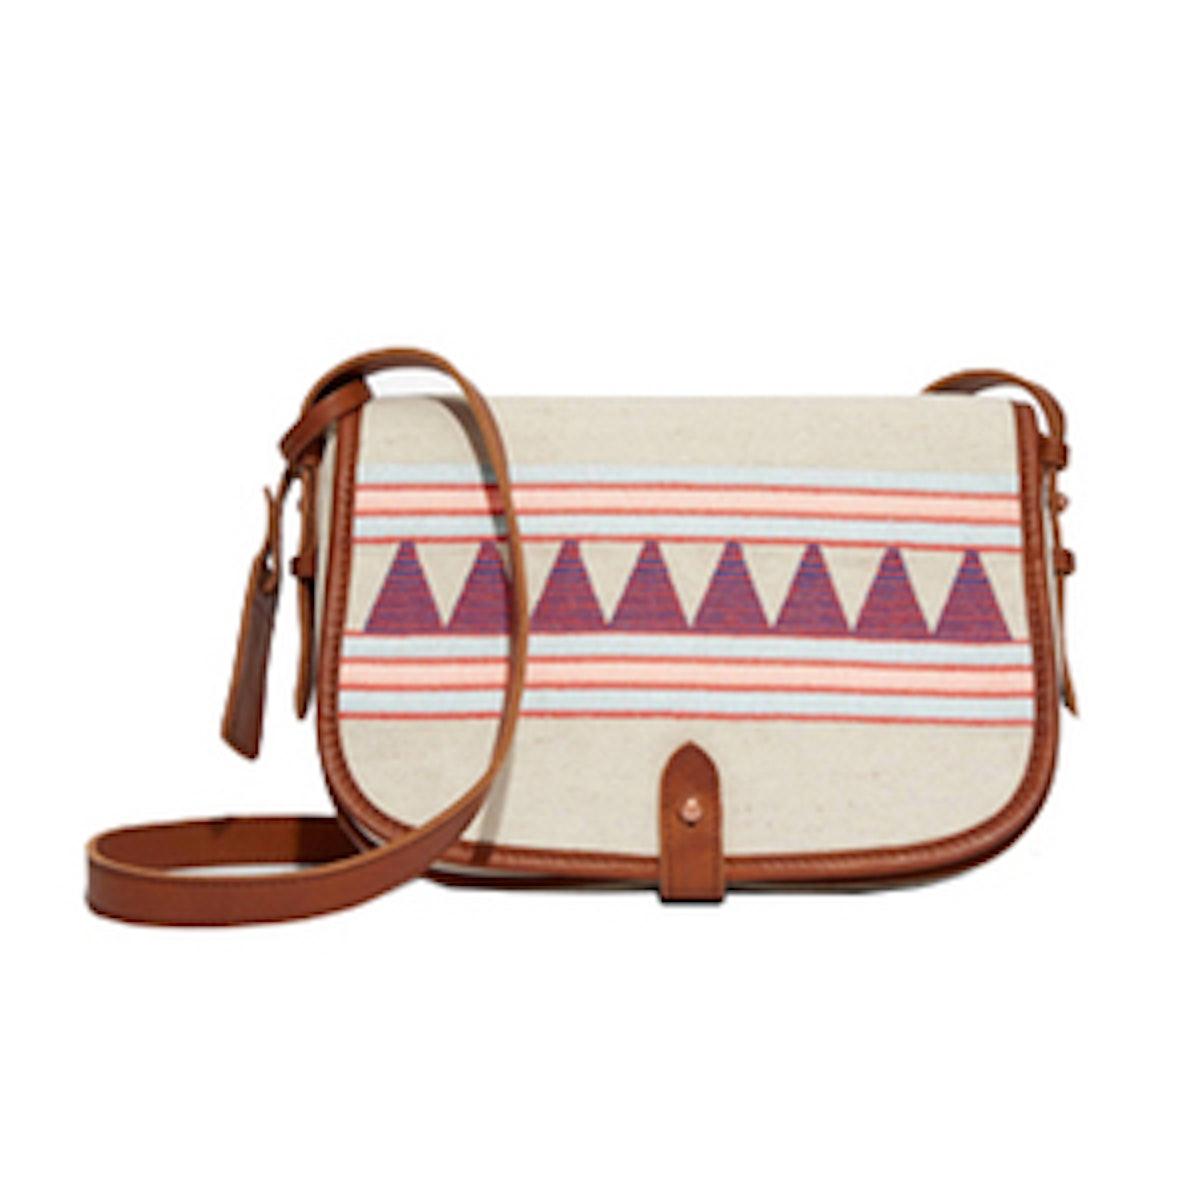 Embroidered Saddle Bag